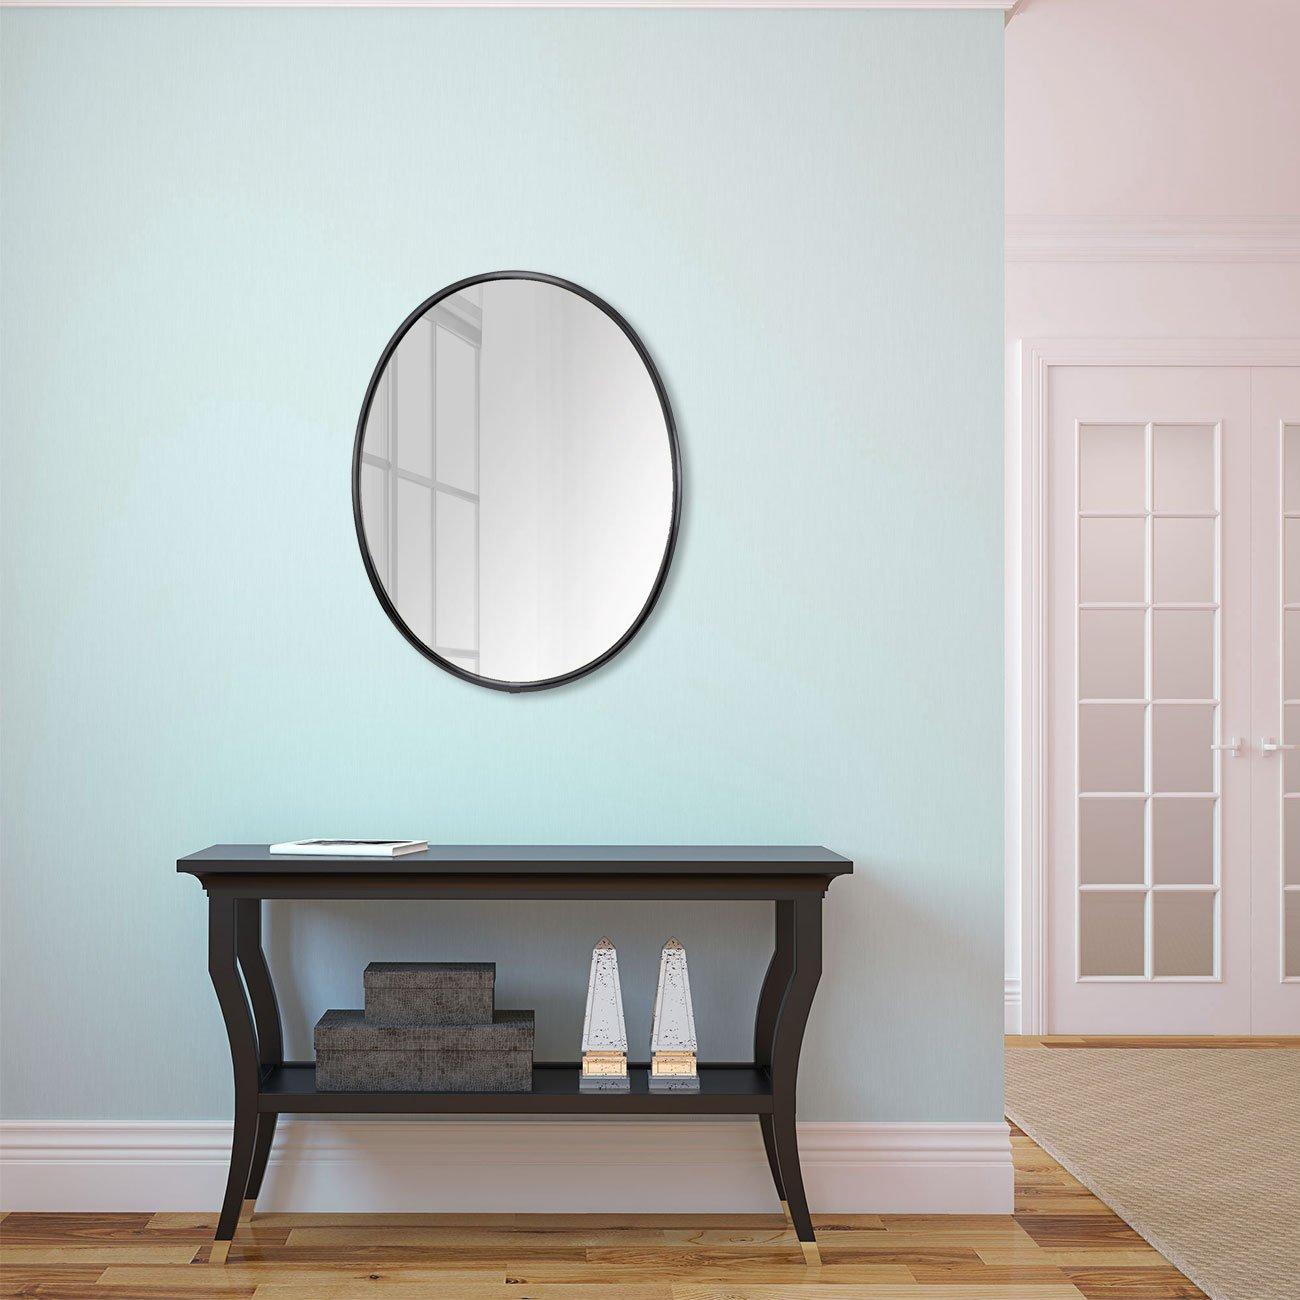 Espelho Decorativo Oval com Moldura de Alumínio Preto Brilho